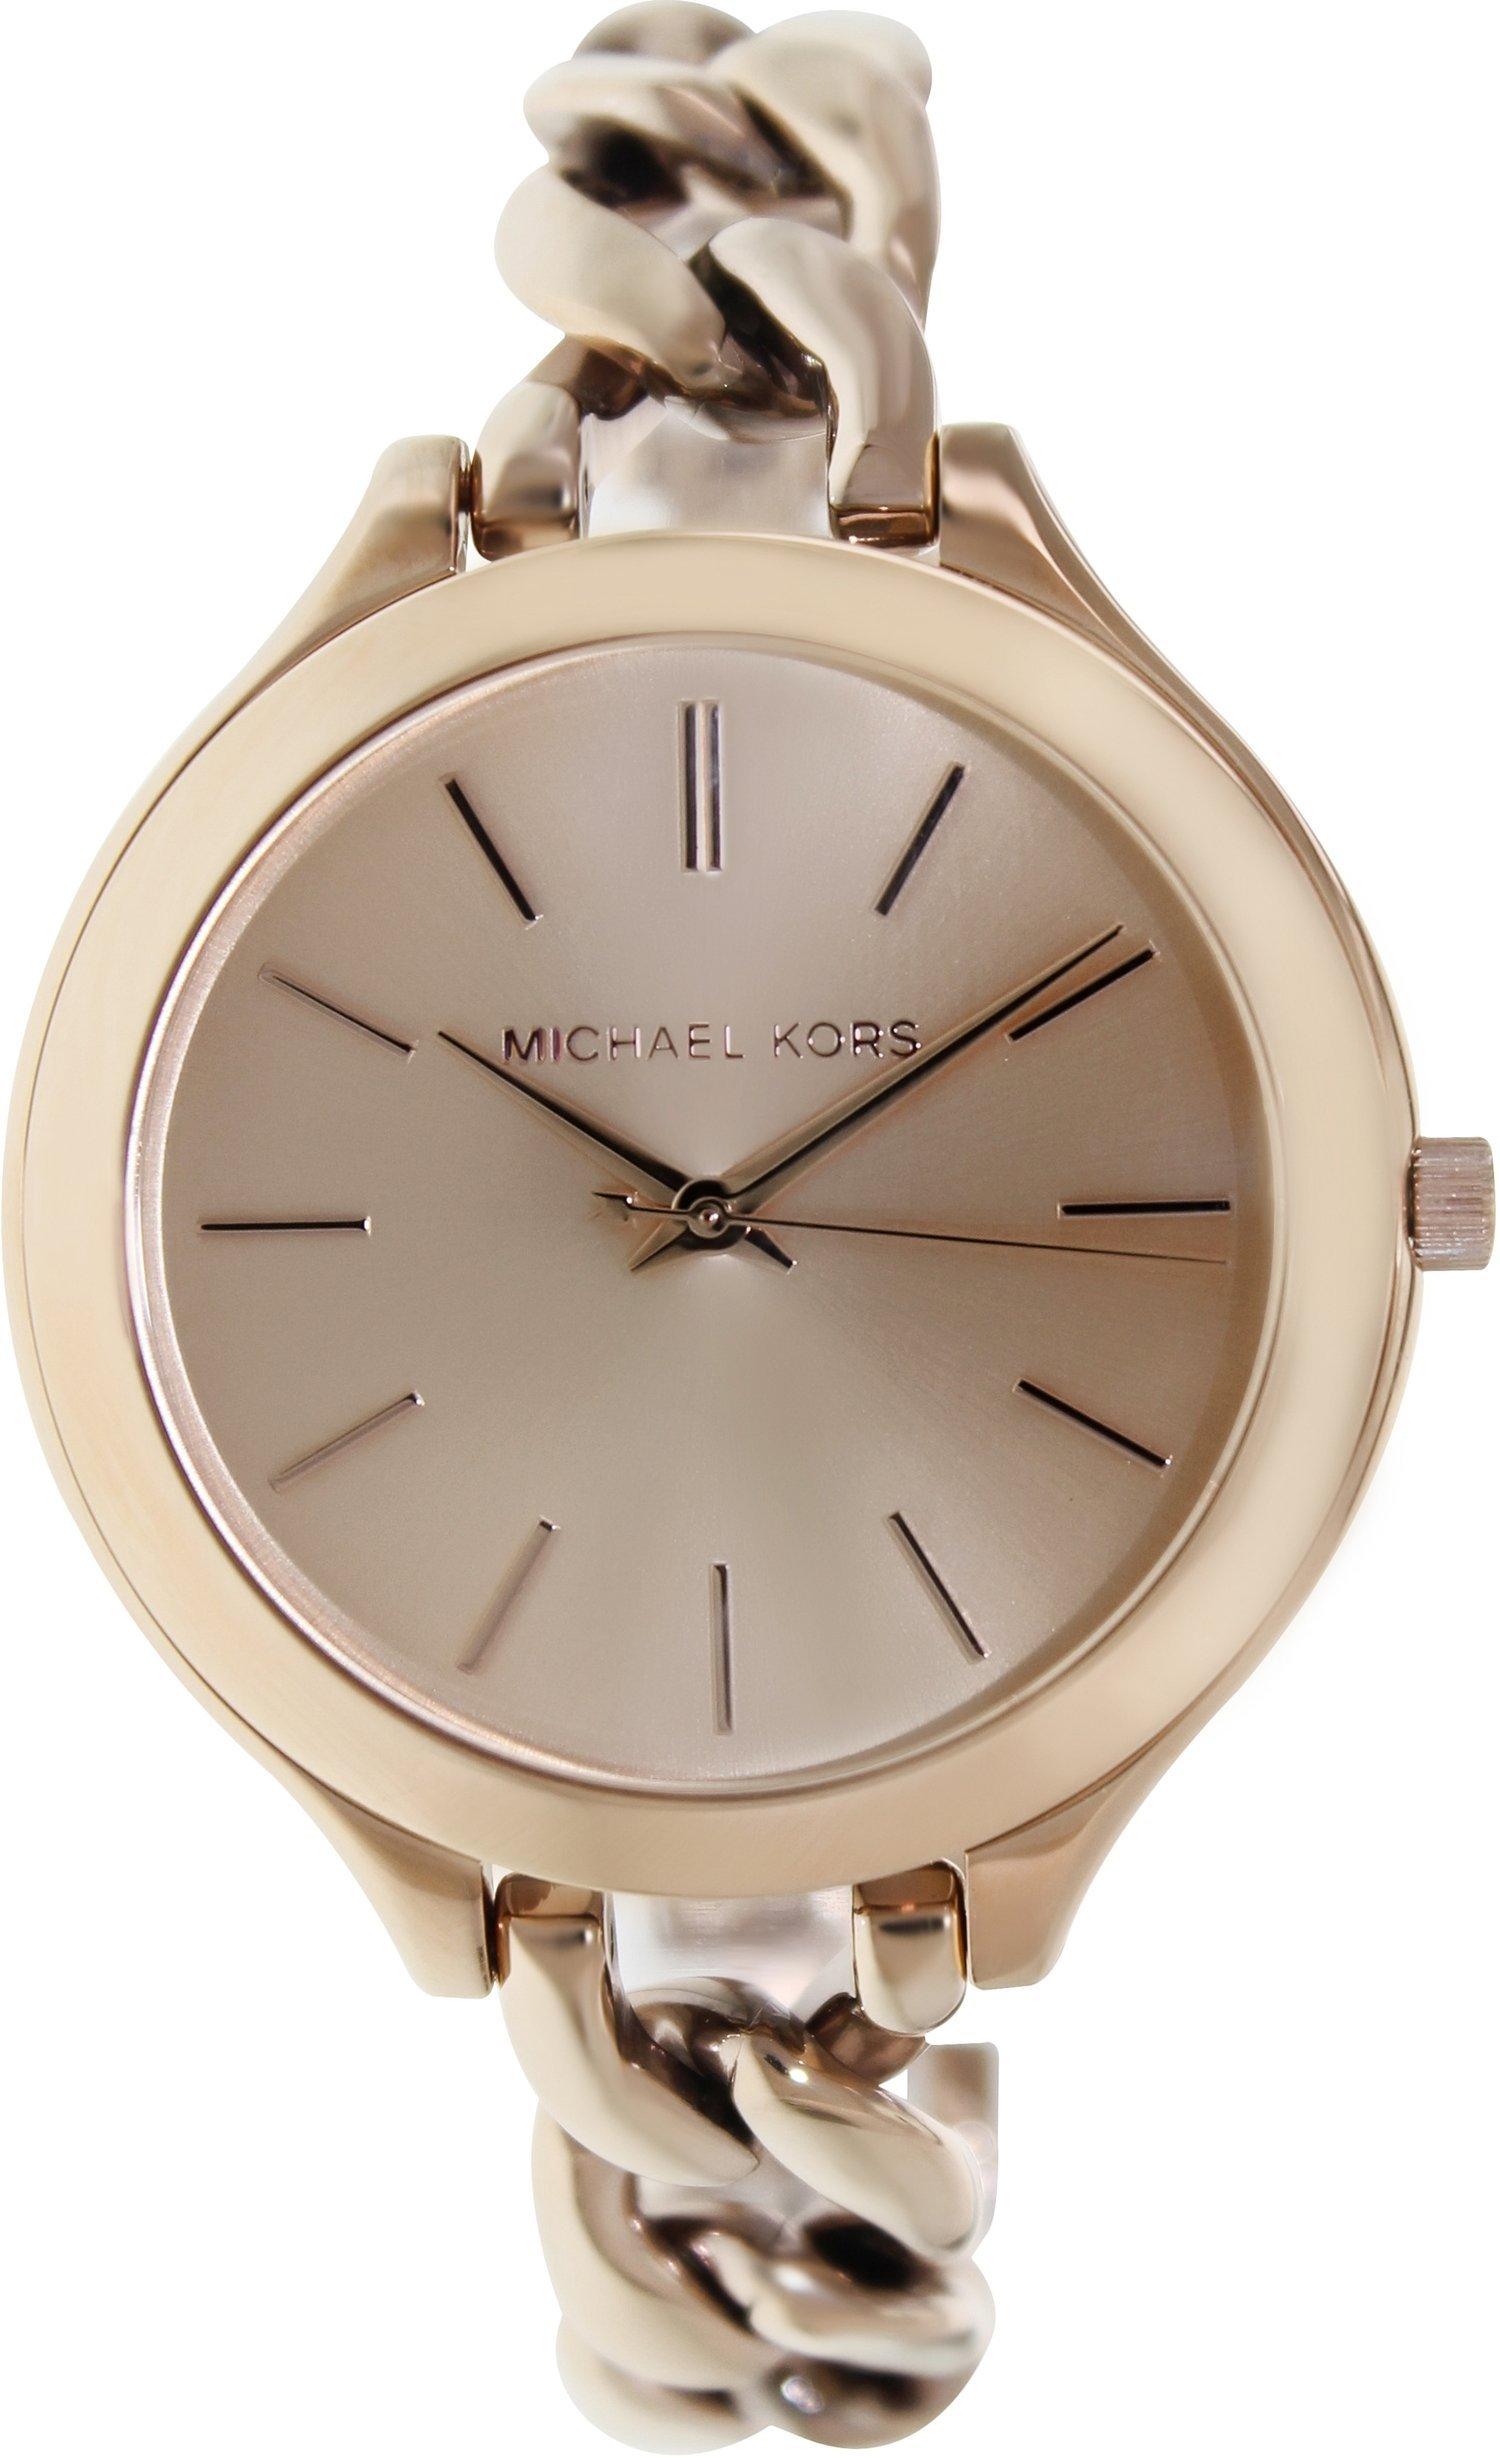 Michael Kors Women's MK3223 Slim Runway Rose Gold-Tone Stainless Steel Bracelet Watch by Michael Kors